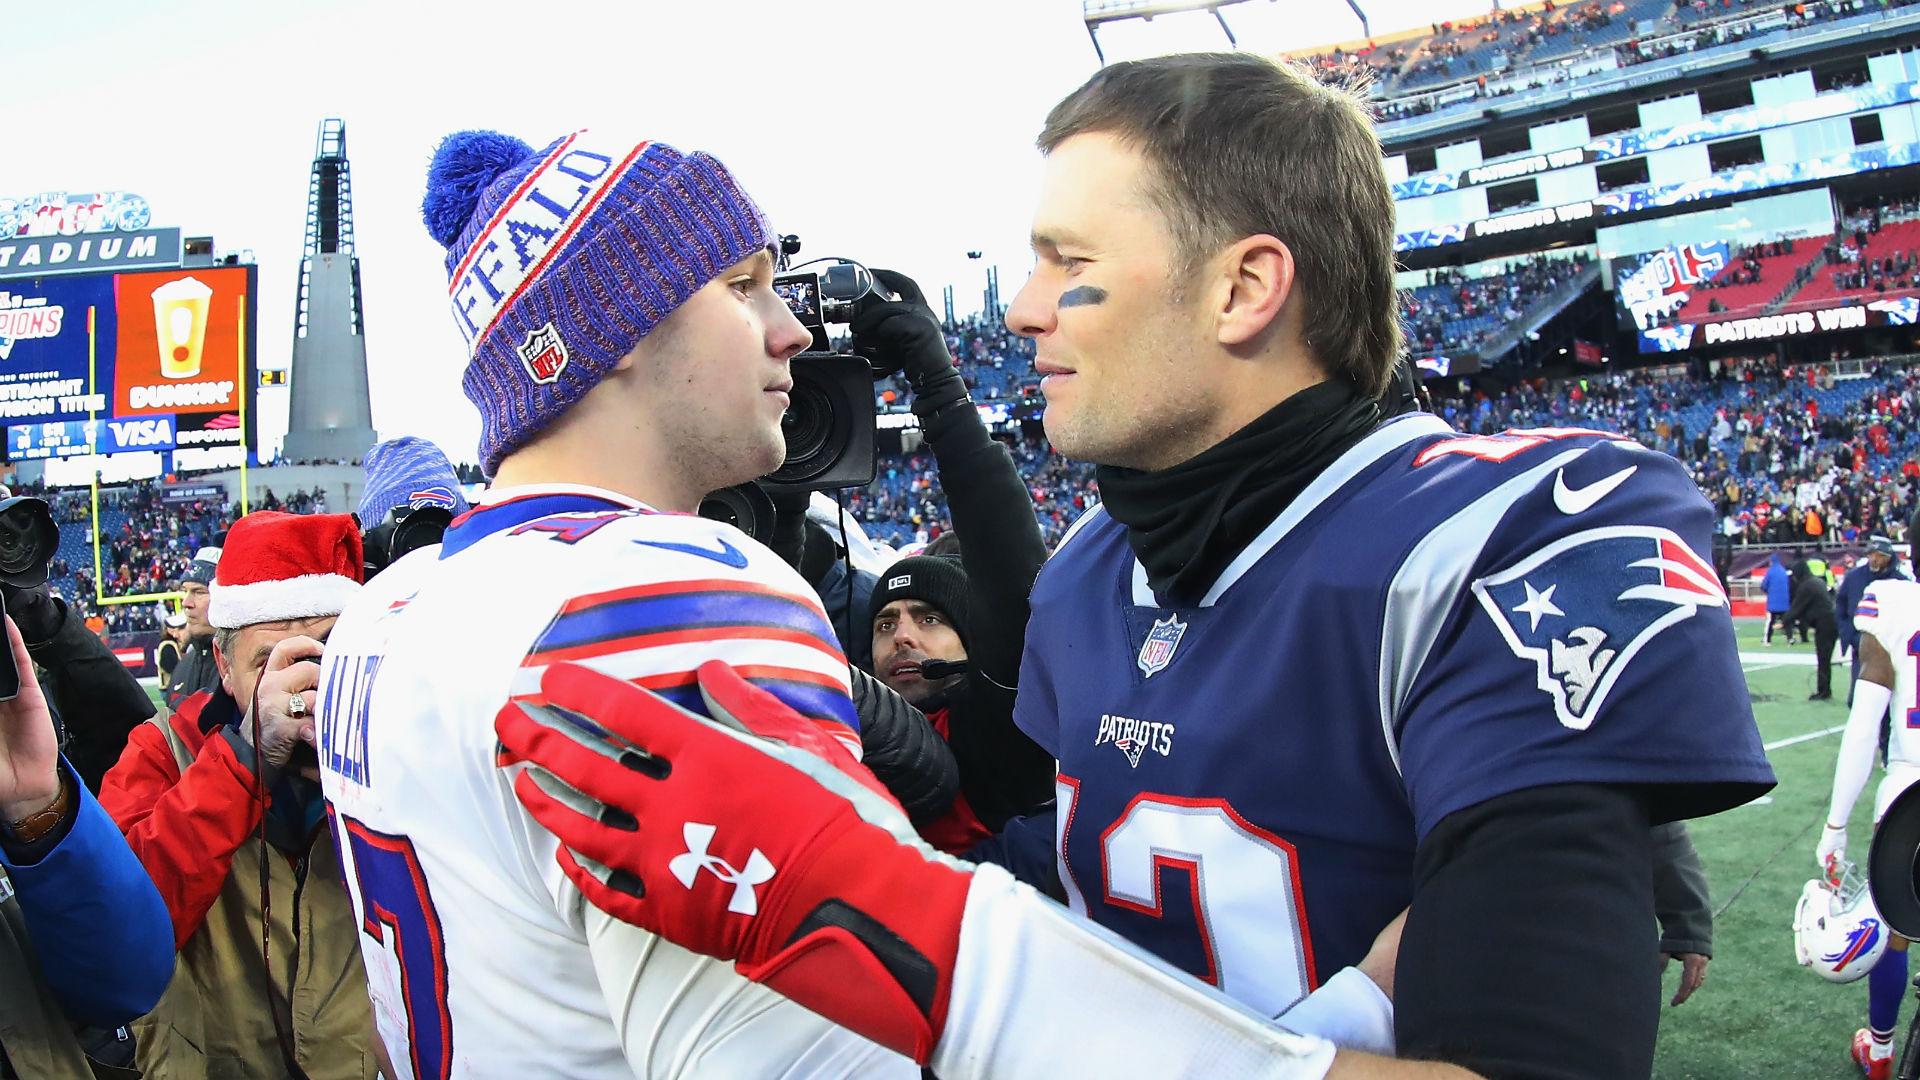 Buffalo mayor takes jab at Tom Brady, reminds fans to 'rejoice responsibly' amid coronavirus